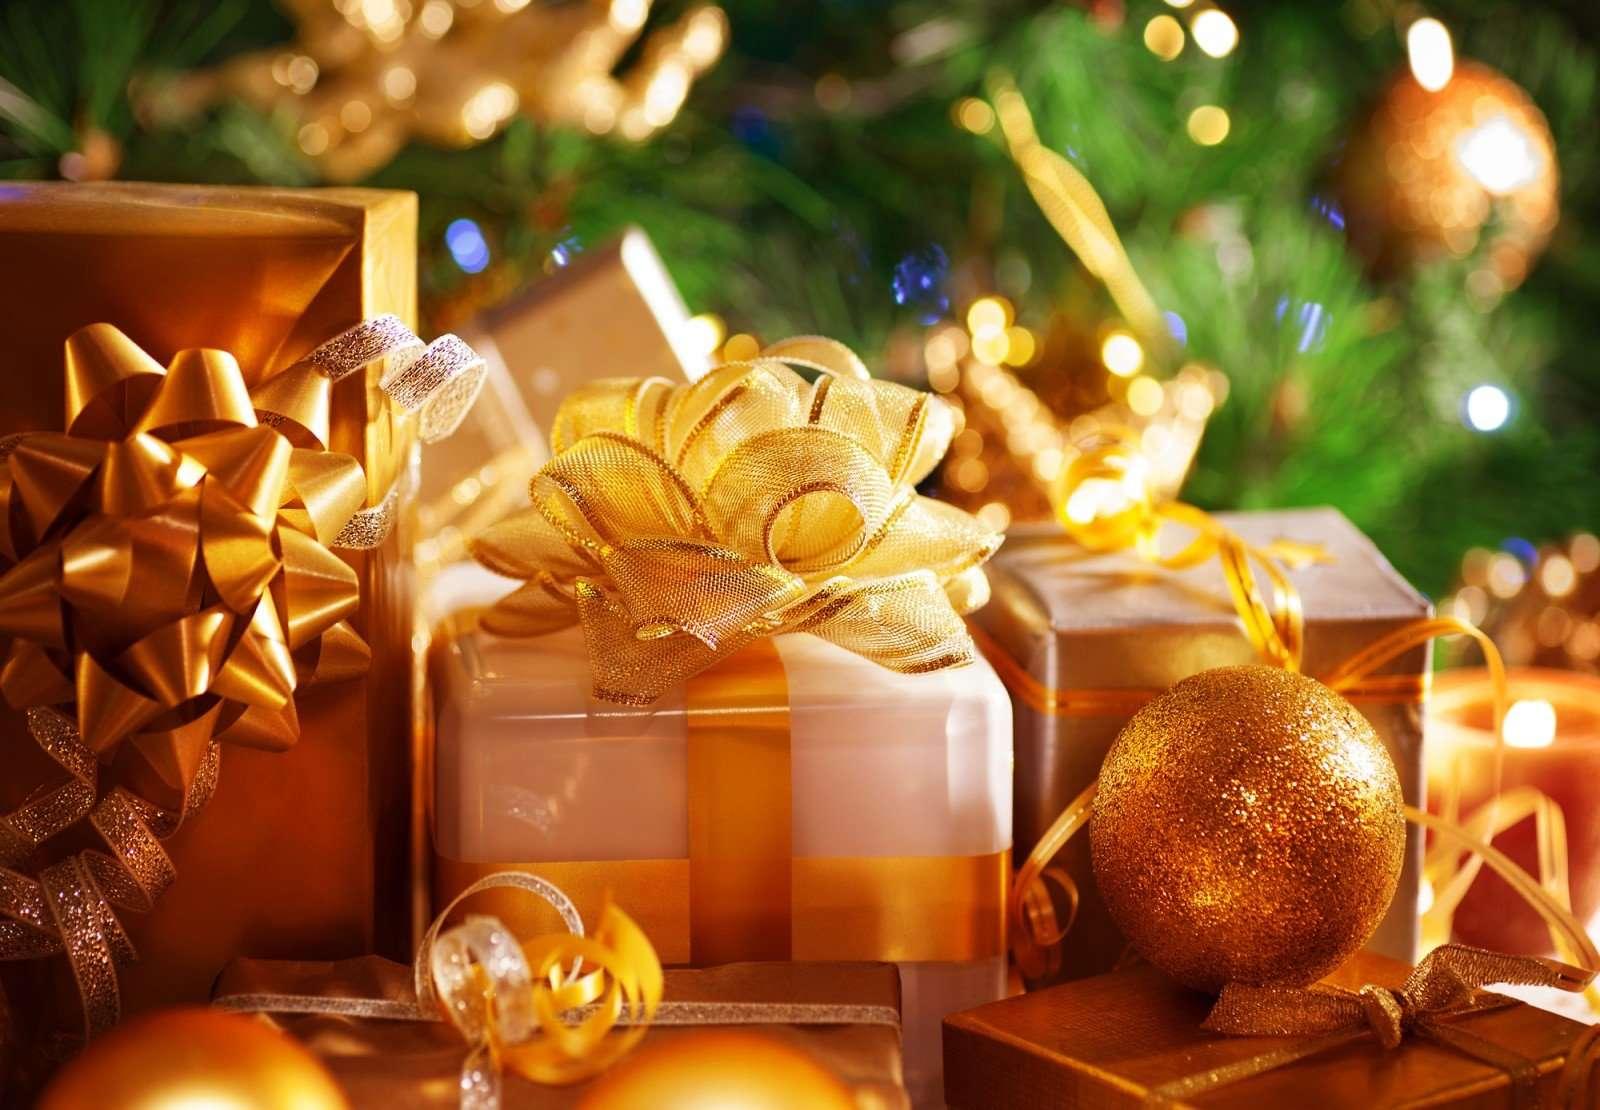 И зарплата цела, и ребенок счастлив: что подарить детям на Новый год и не разориться